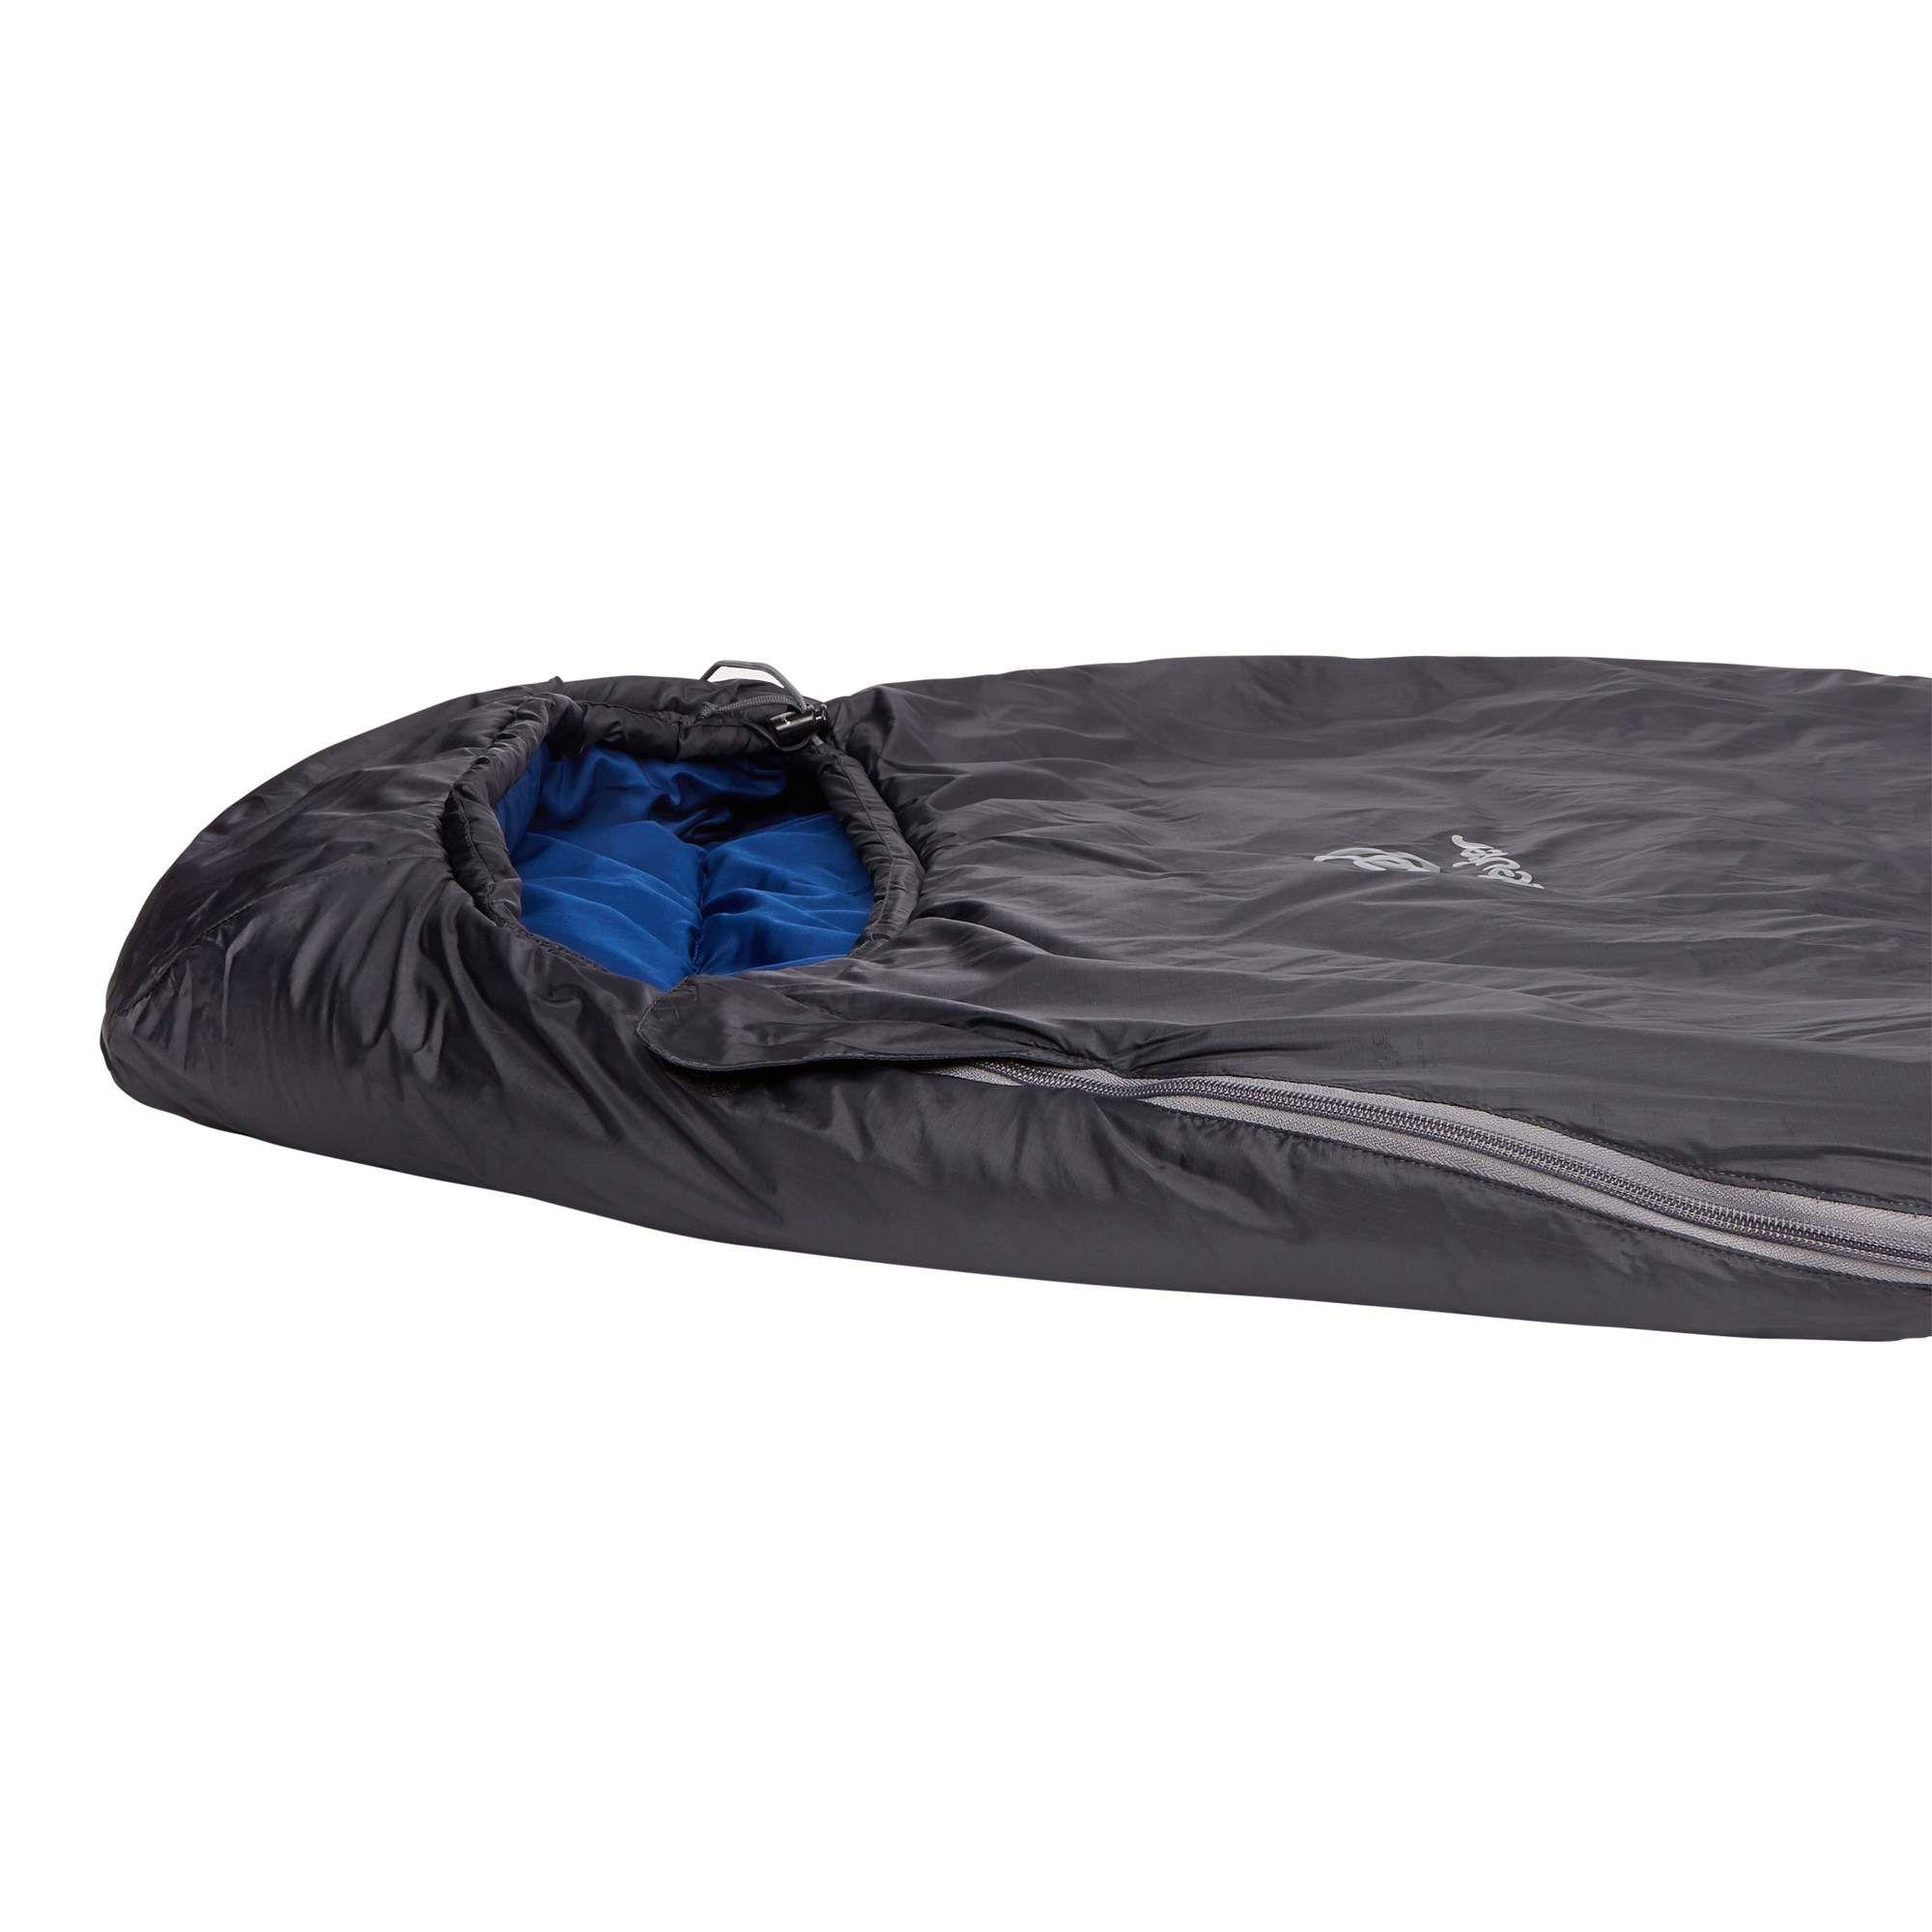 Спальный мешок Deuter Orbit +5° - фото 6